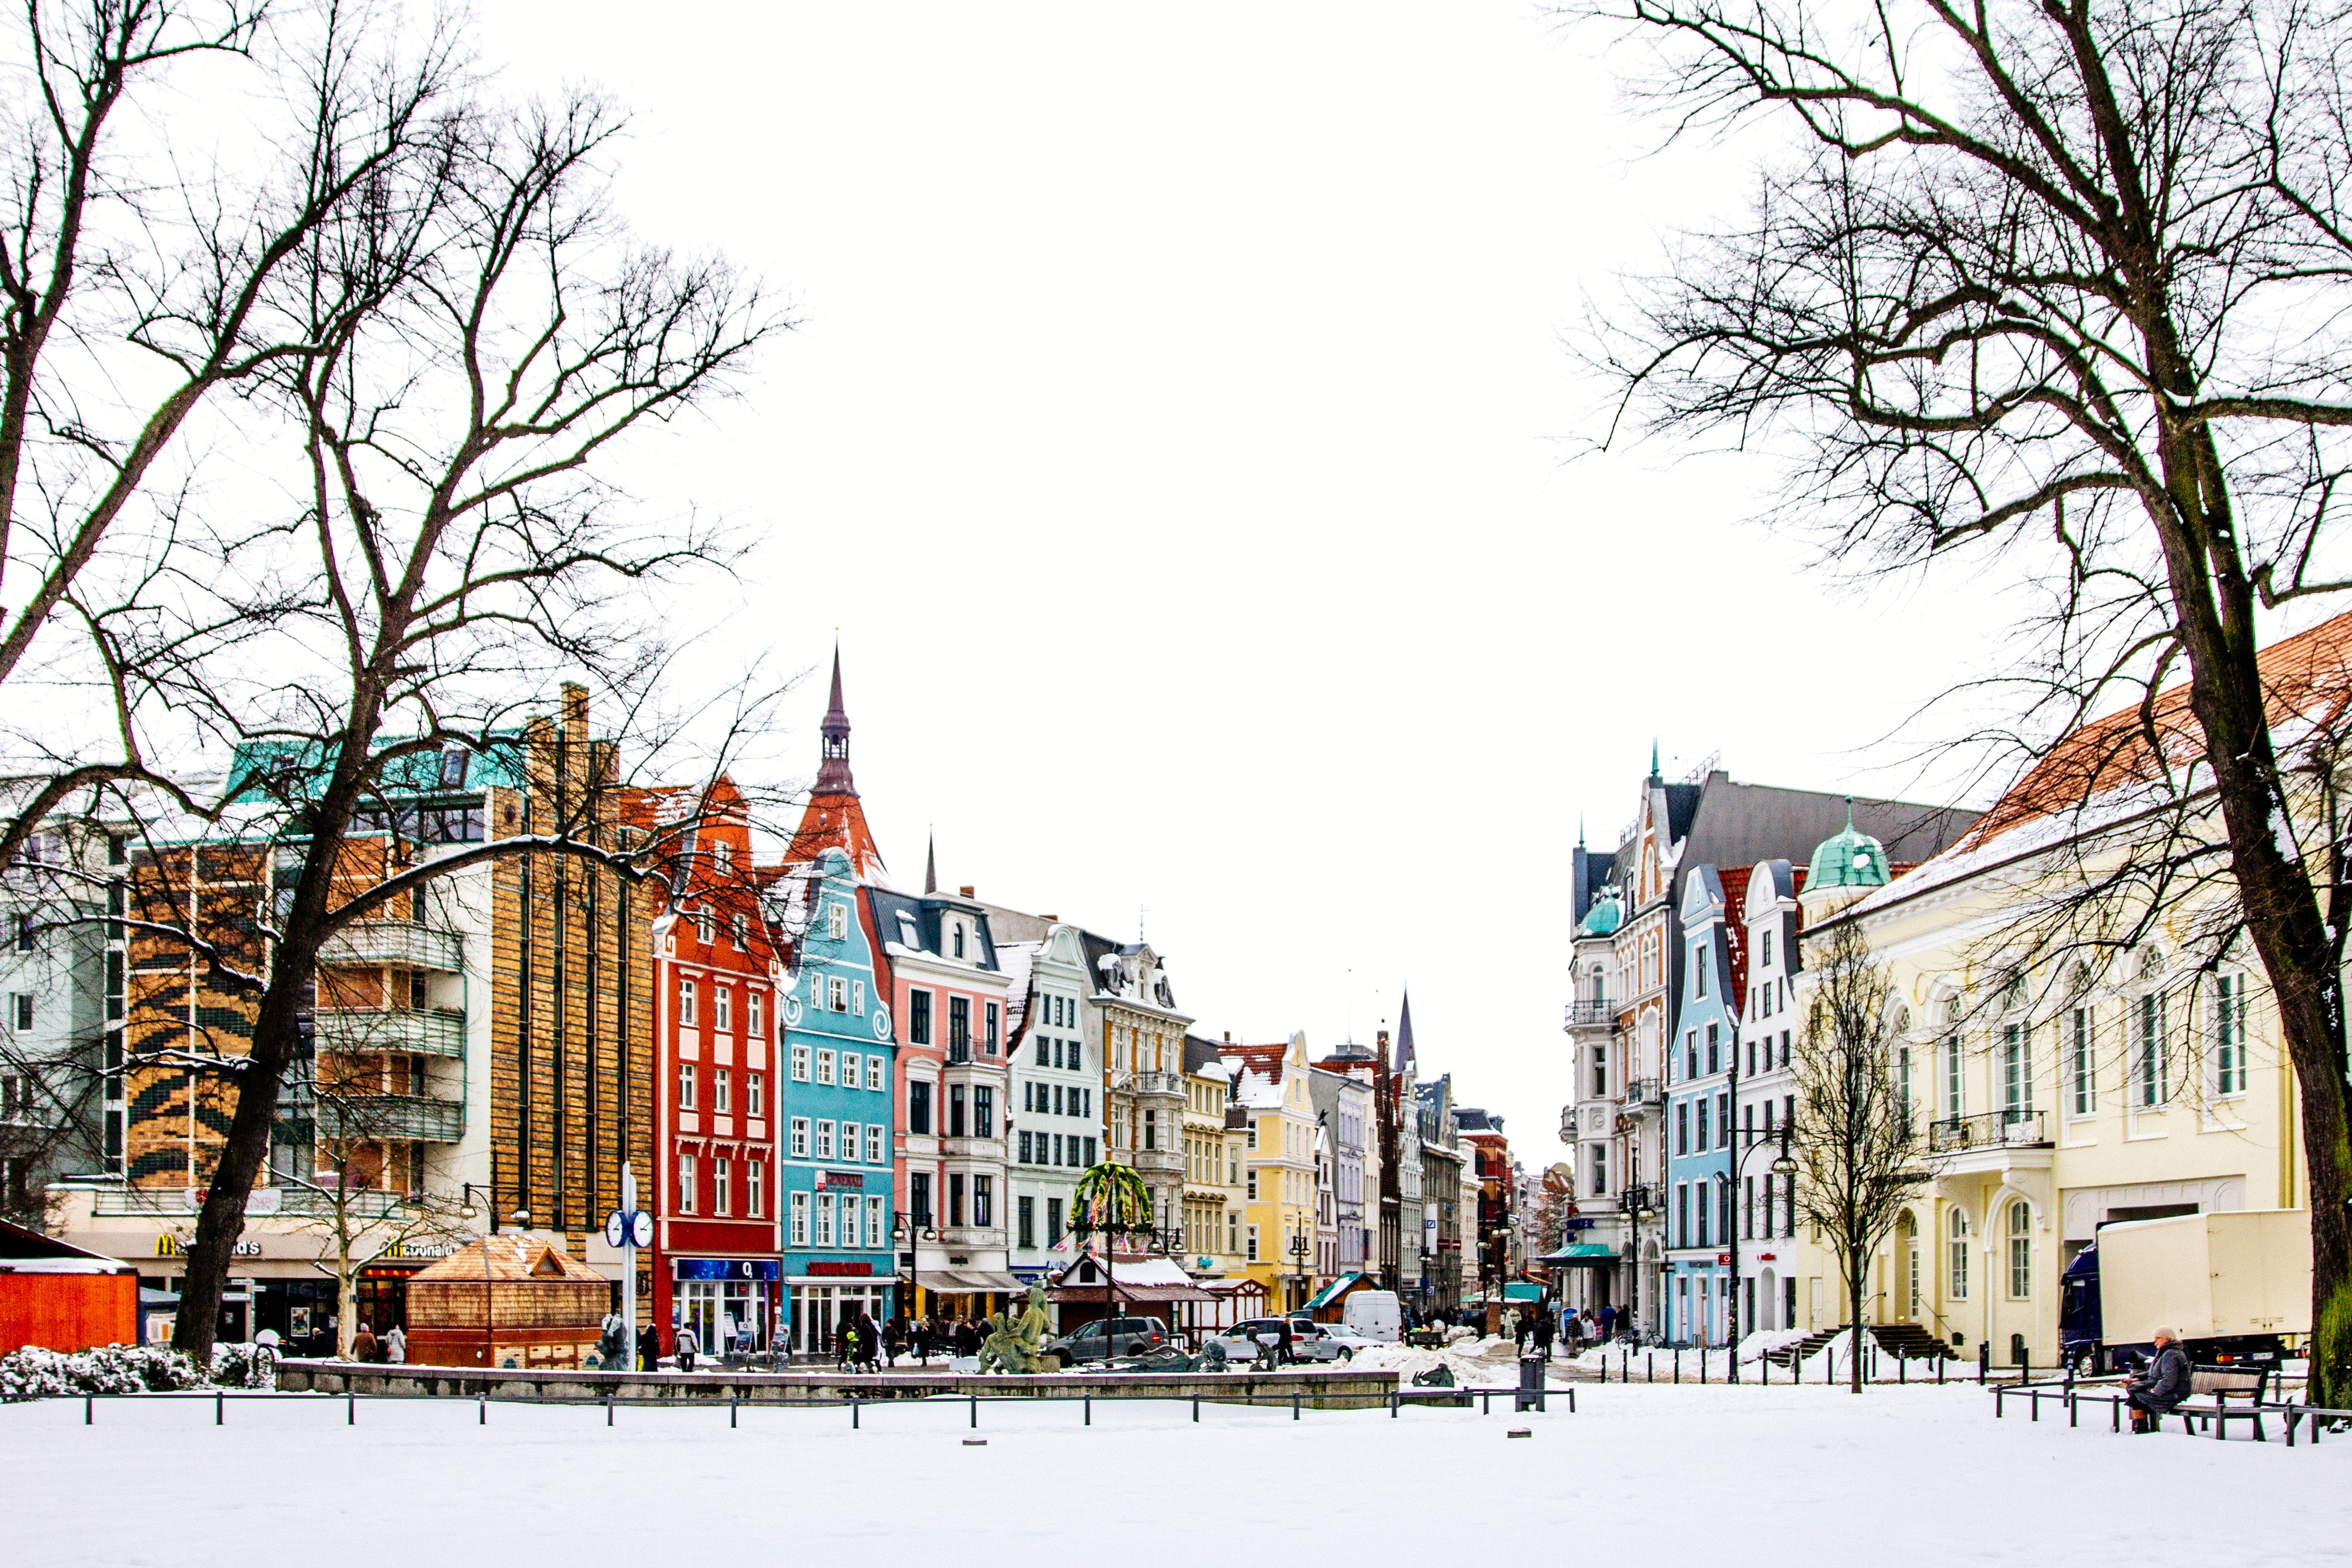 Liste der größten Projektentwickler und Bauträger in Rostock